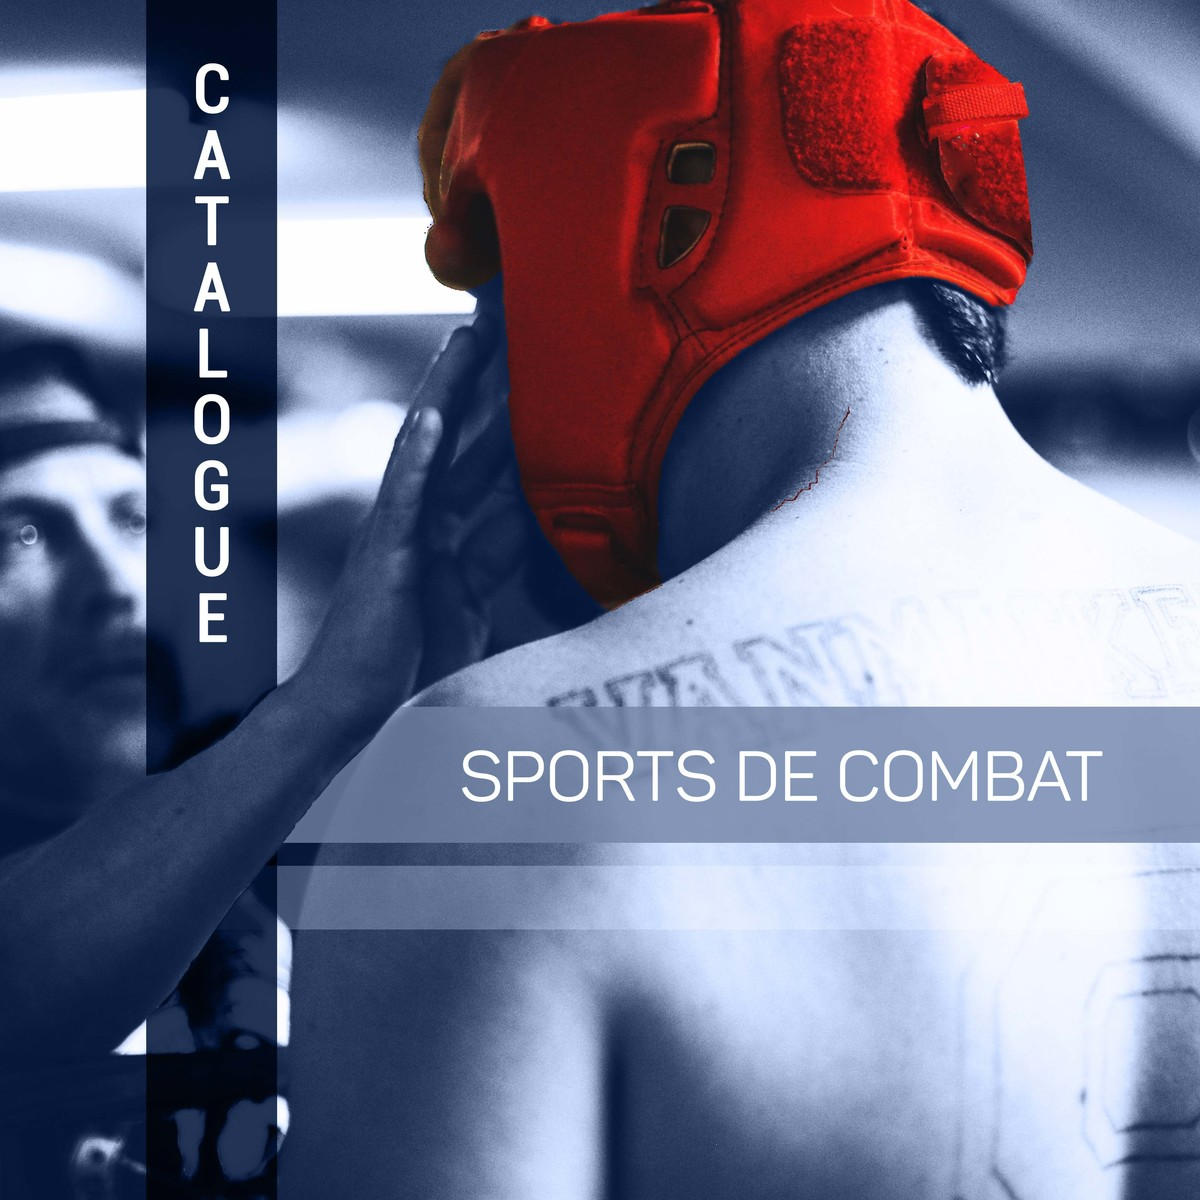 Image_catalogue-combat-pre_sentation-1--0-0--fc22a03e-6da0-4602-92d8-bfc3bb45e23c